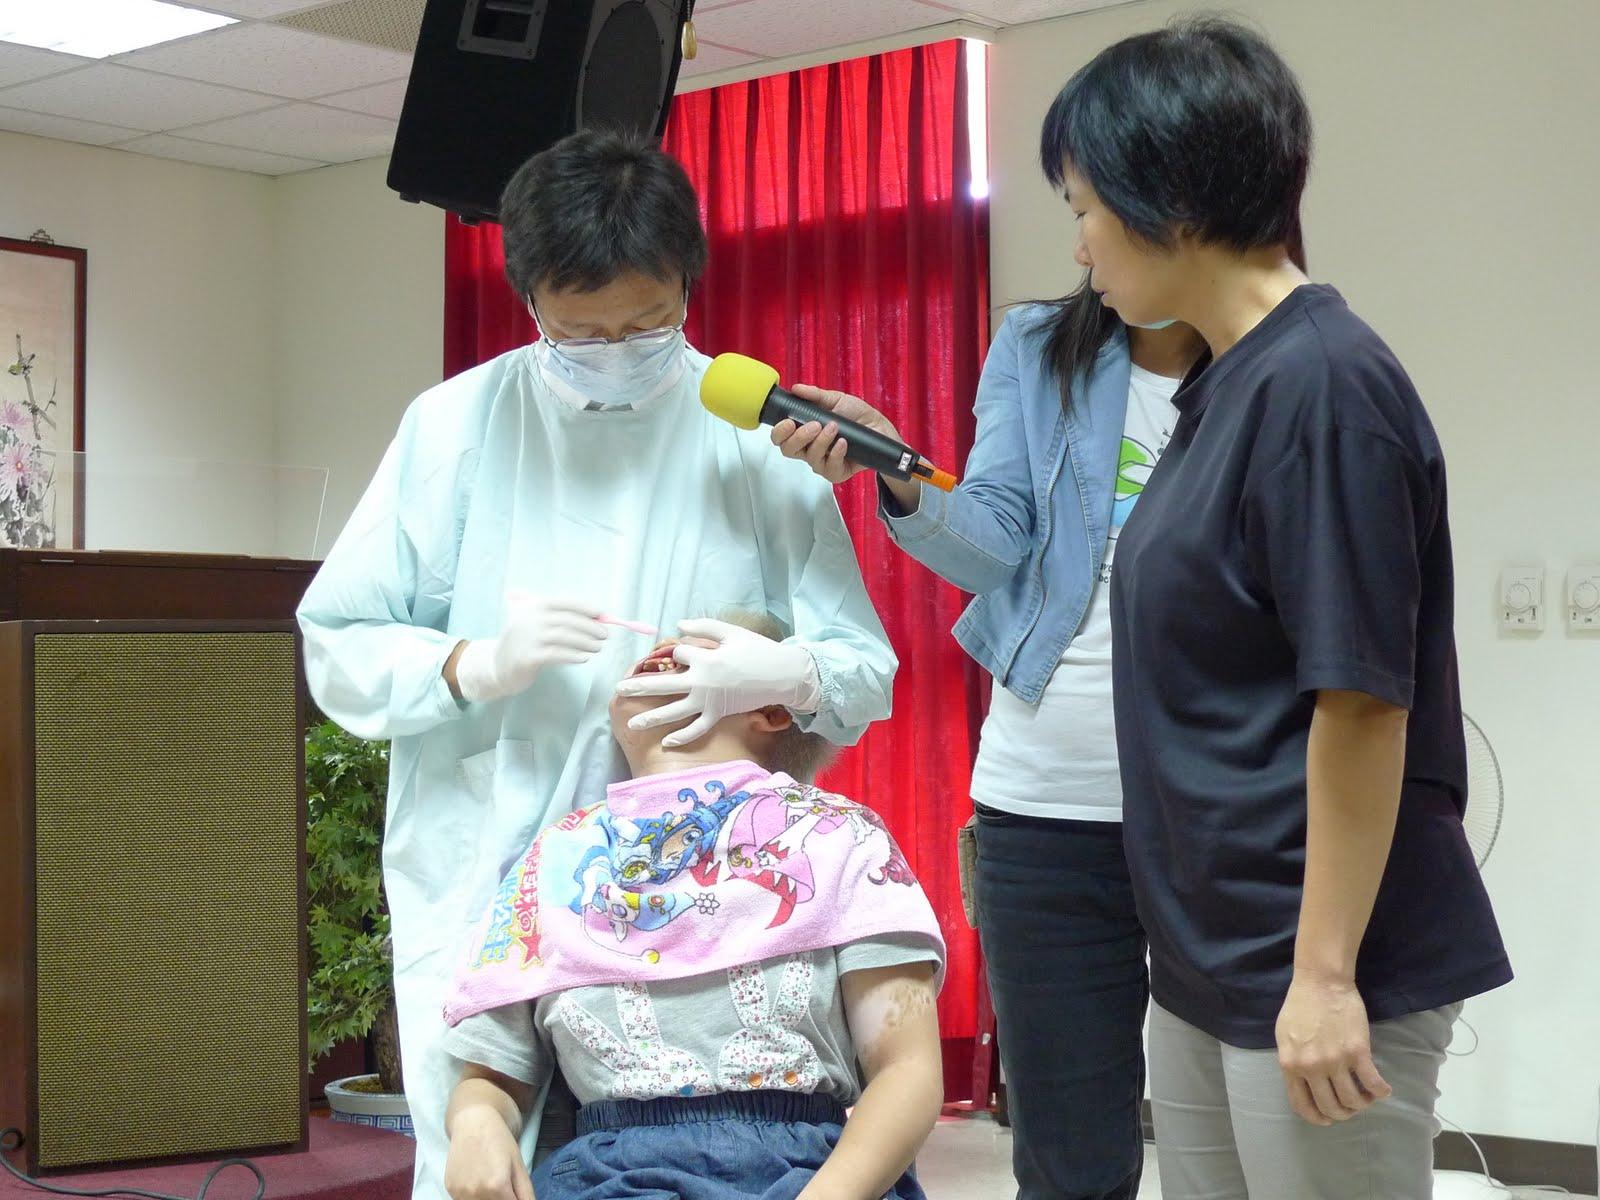 花蓮特殊需求者牙科服務網絡: 一月 2011